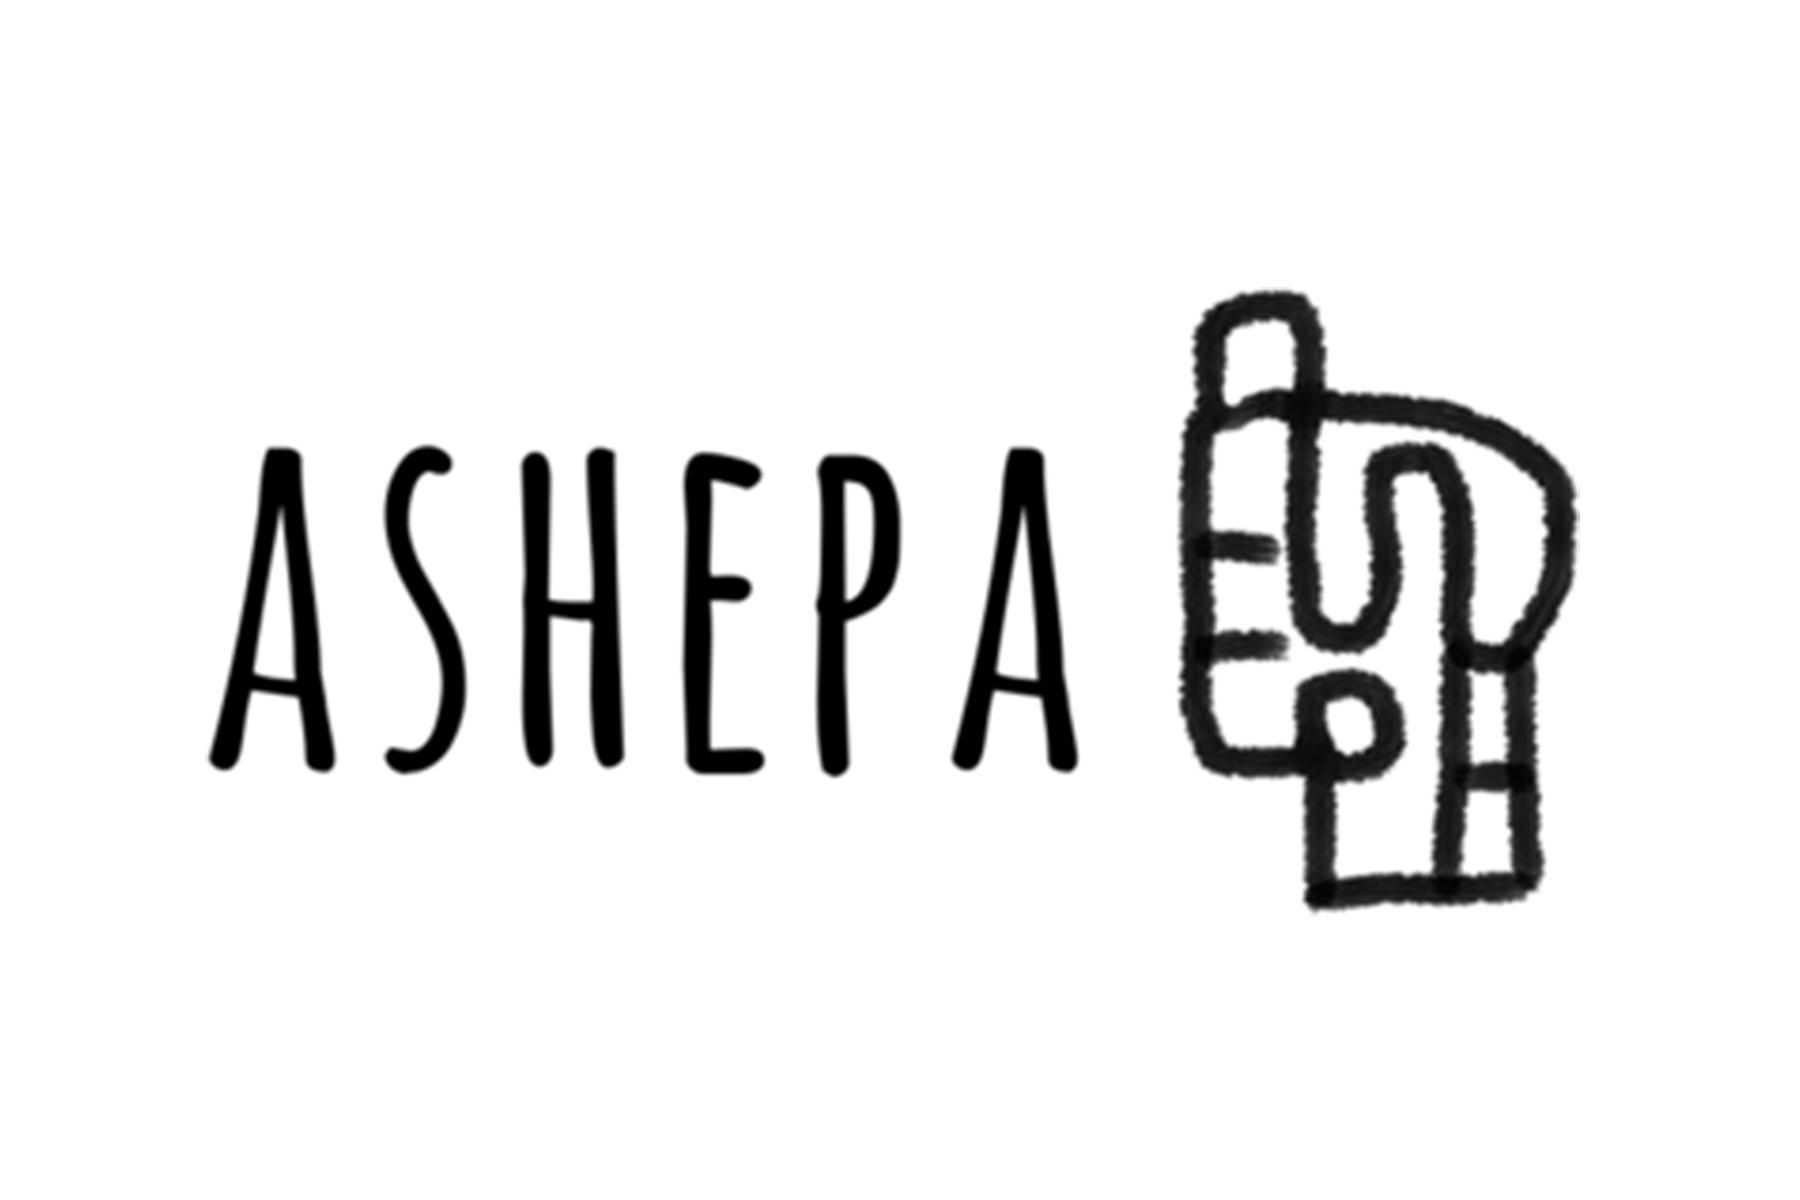 ashepa.jpg